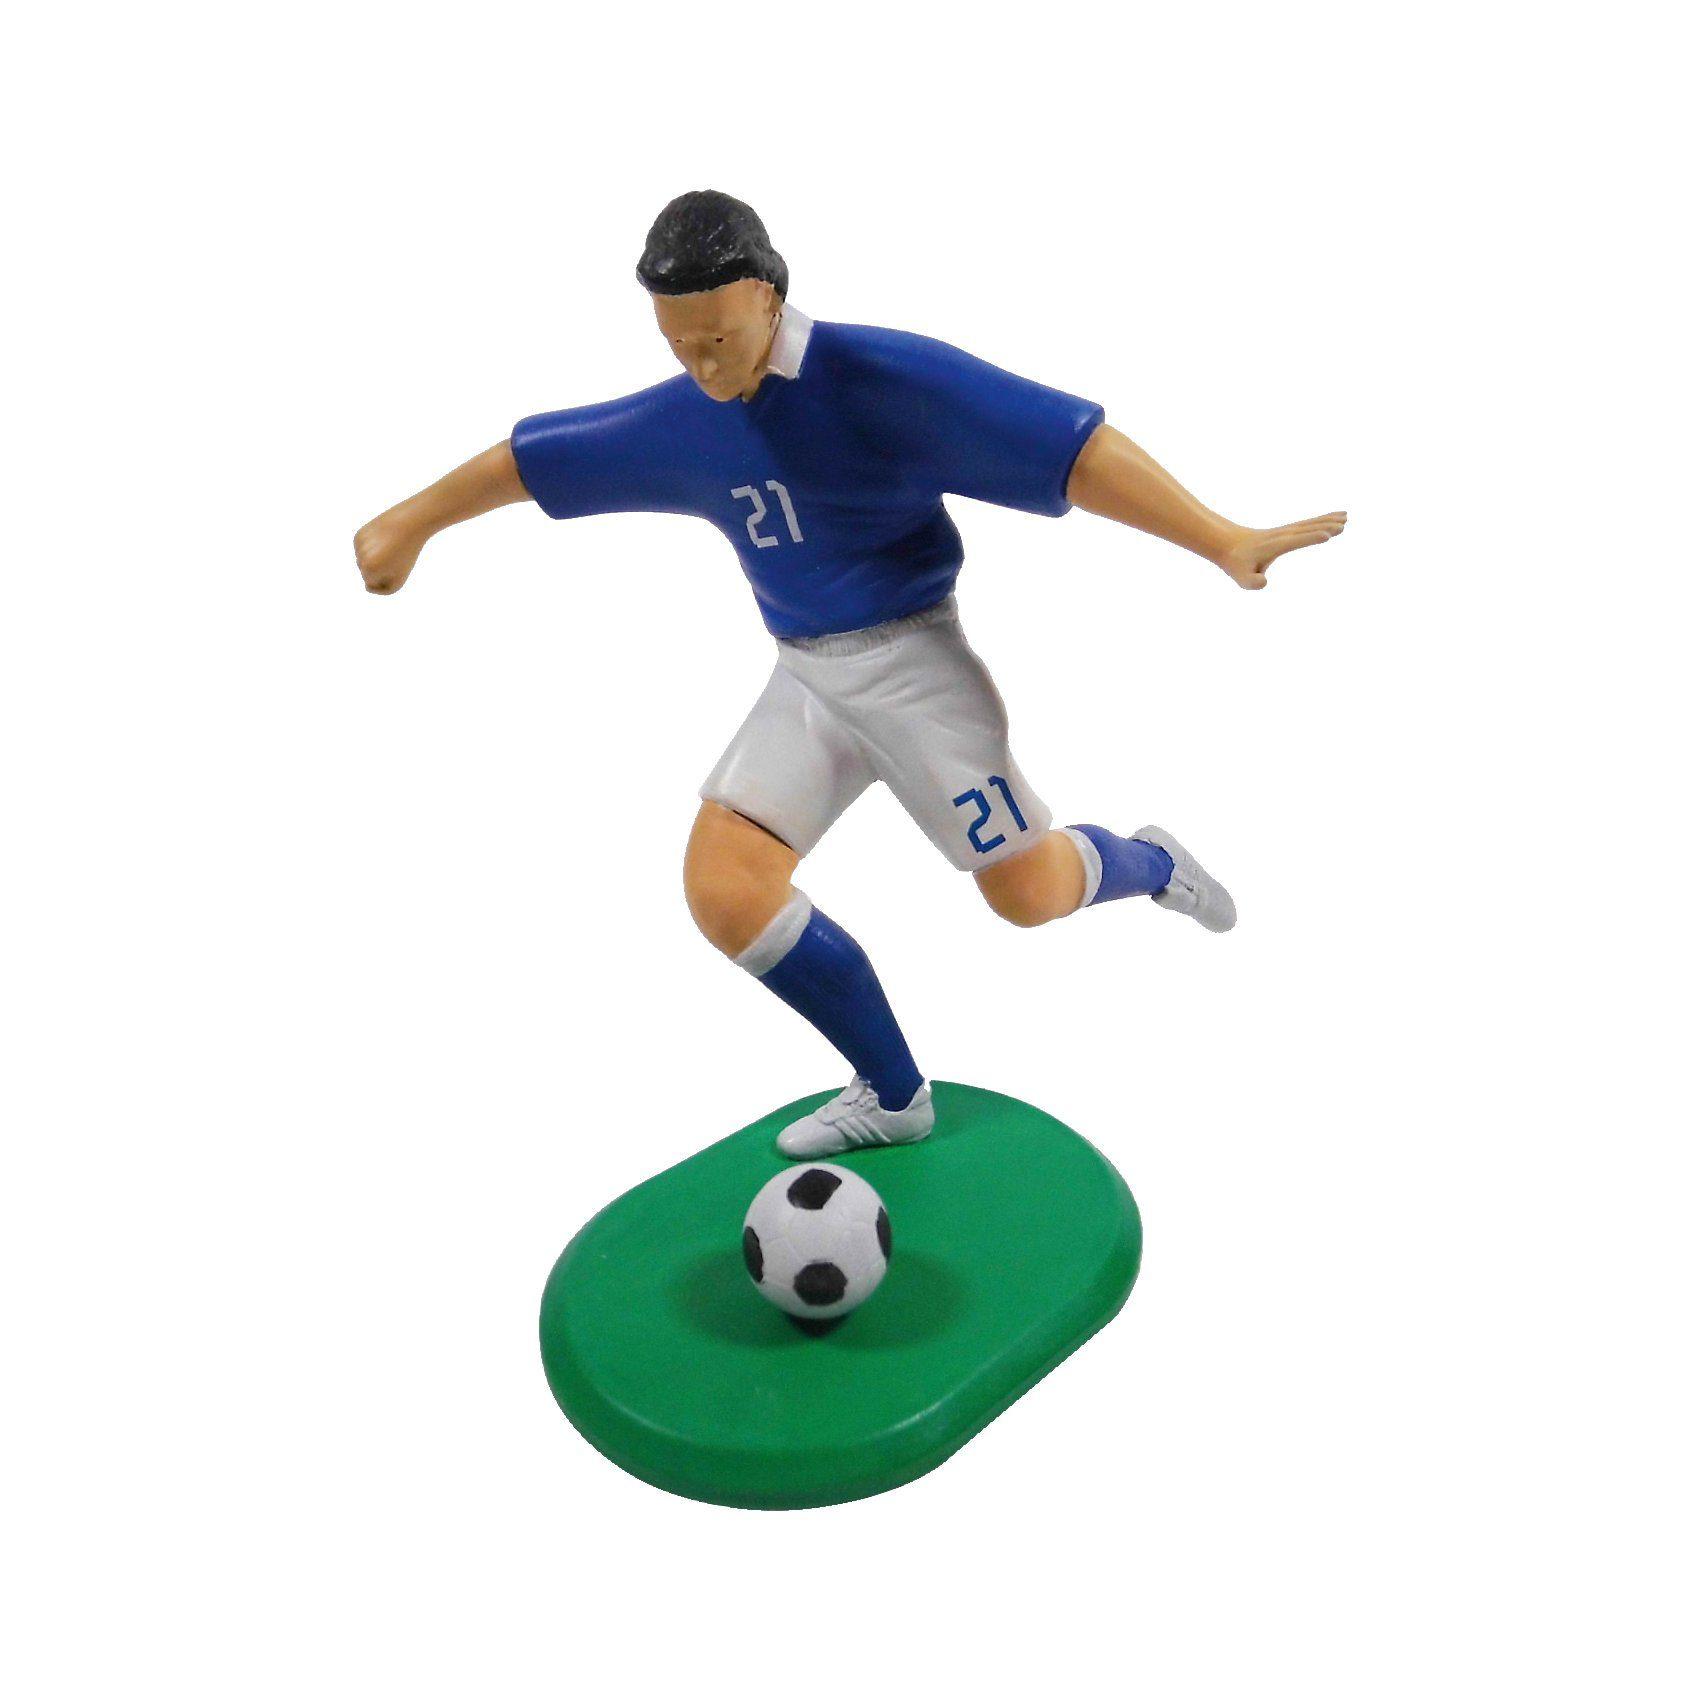 Glow2B Fußballspieler Italien 2016 - Modellbausatz mit Farben